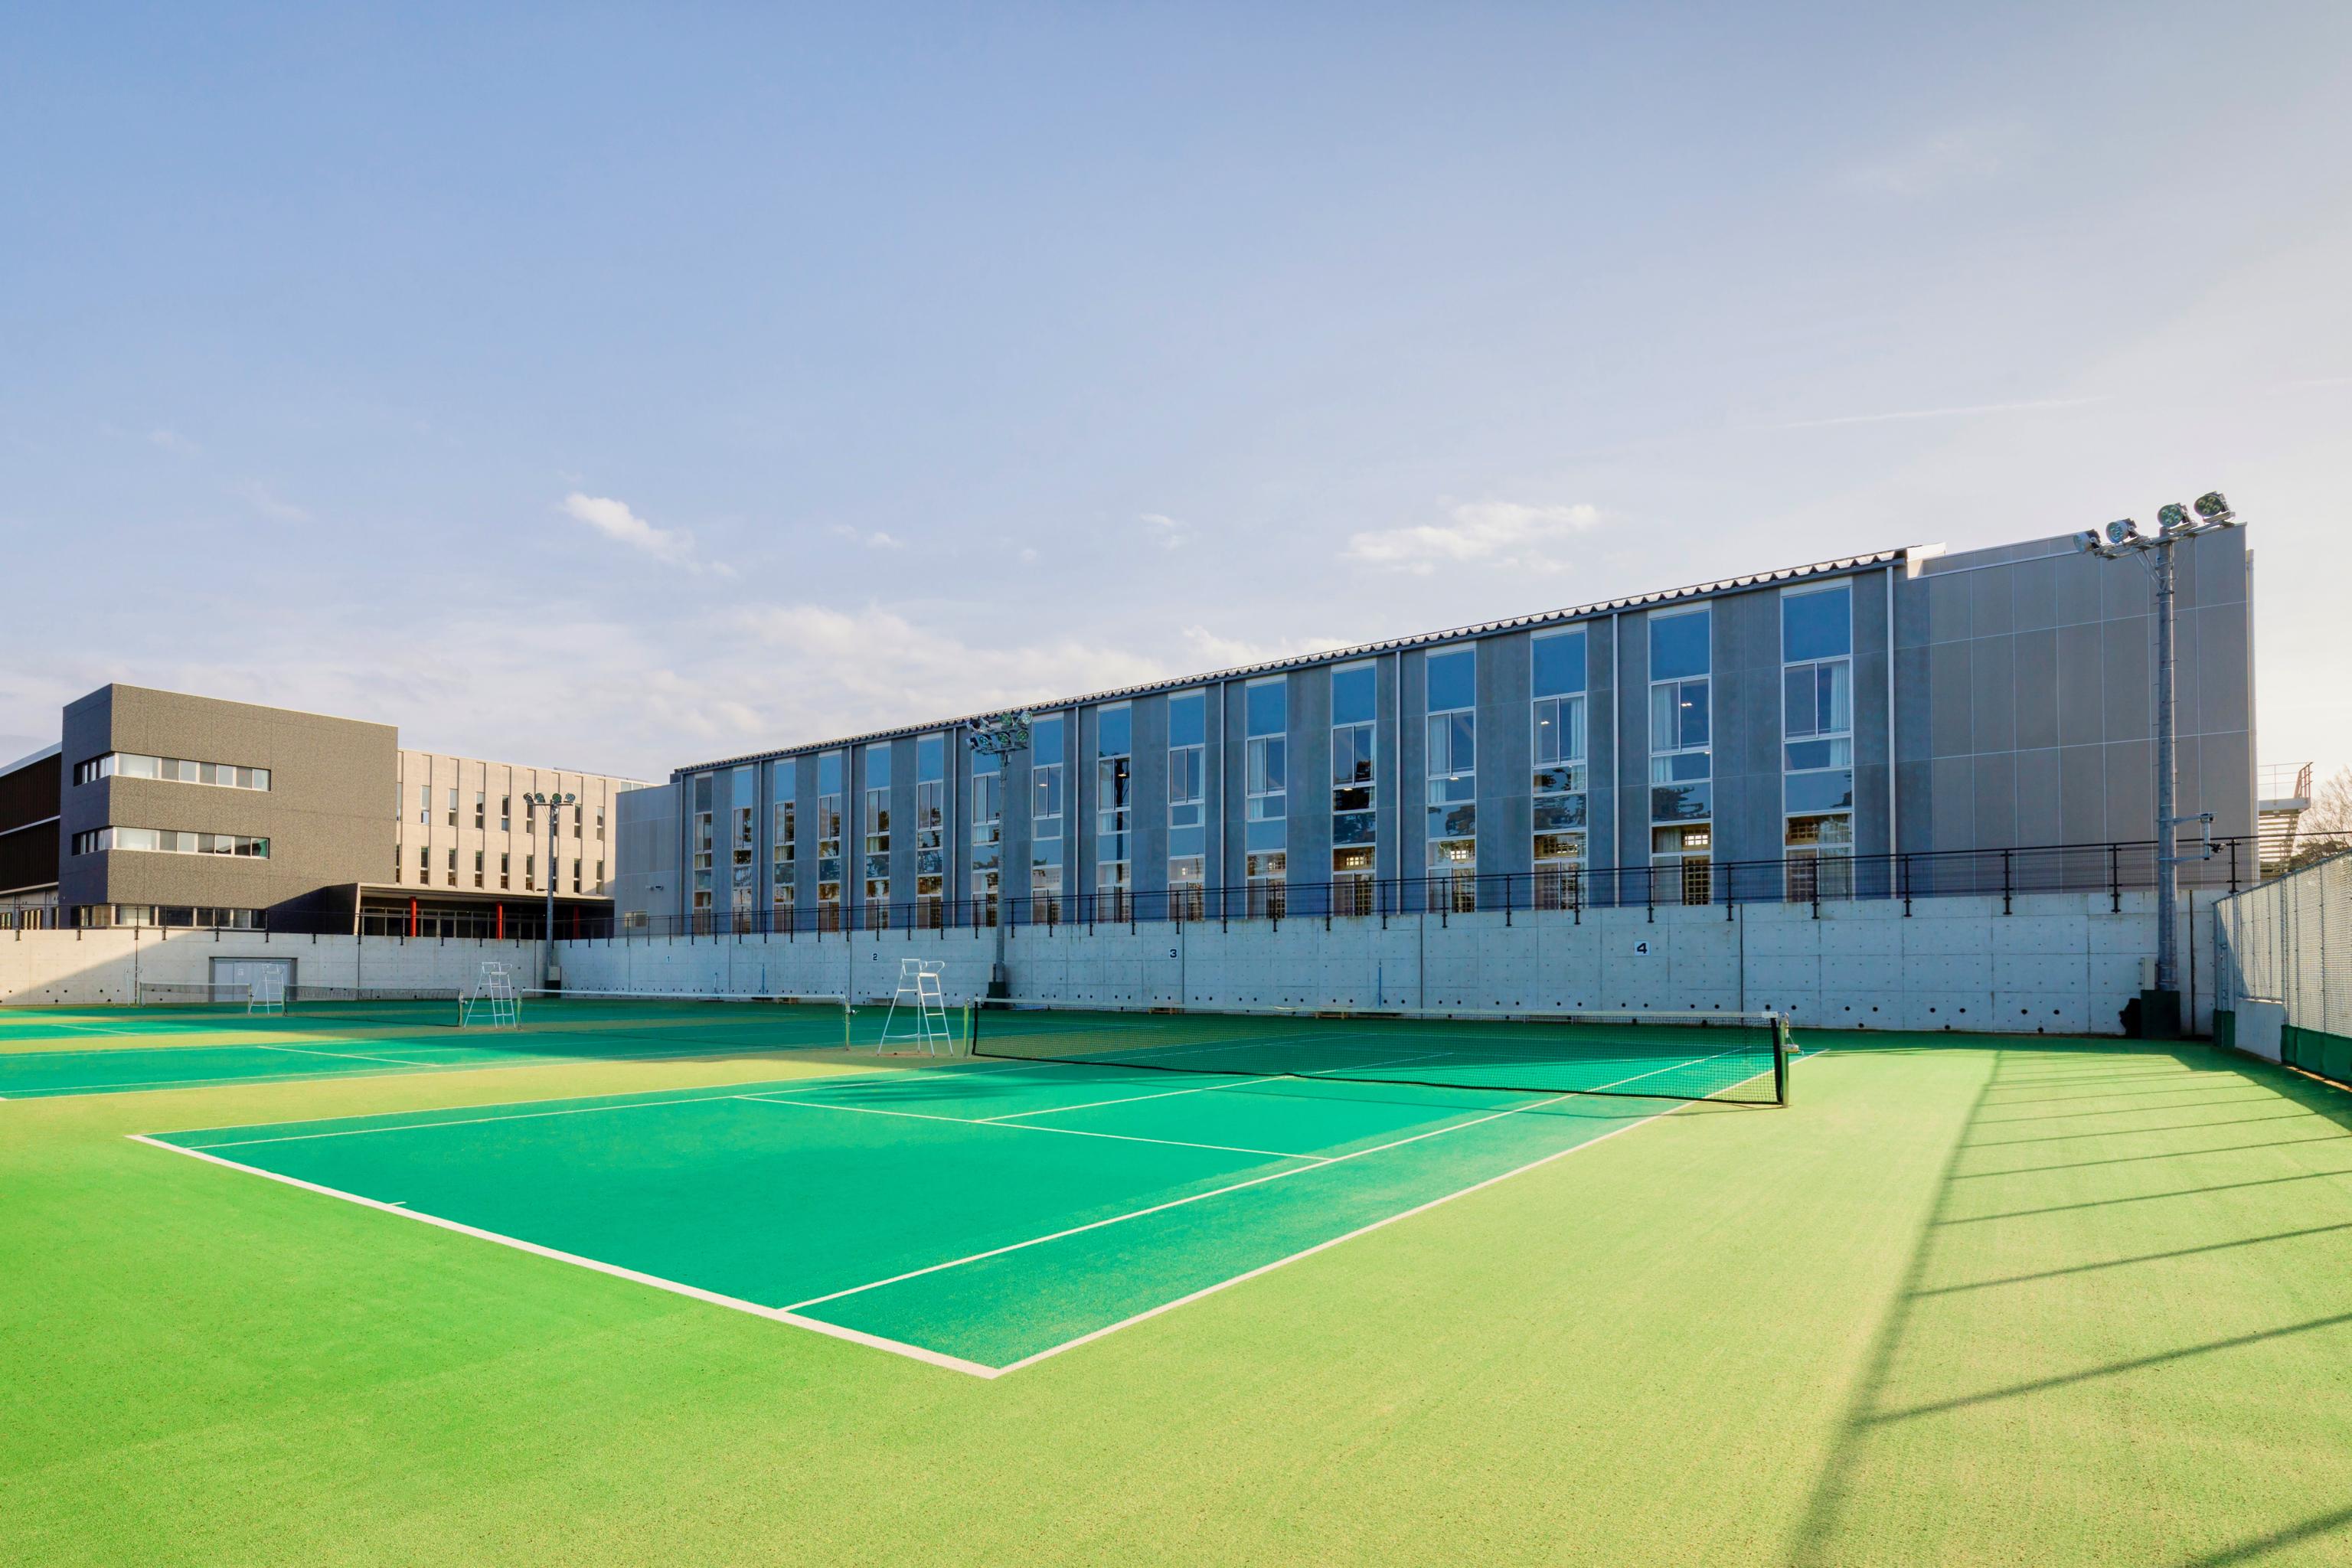 輪島中学校 屋内運動場